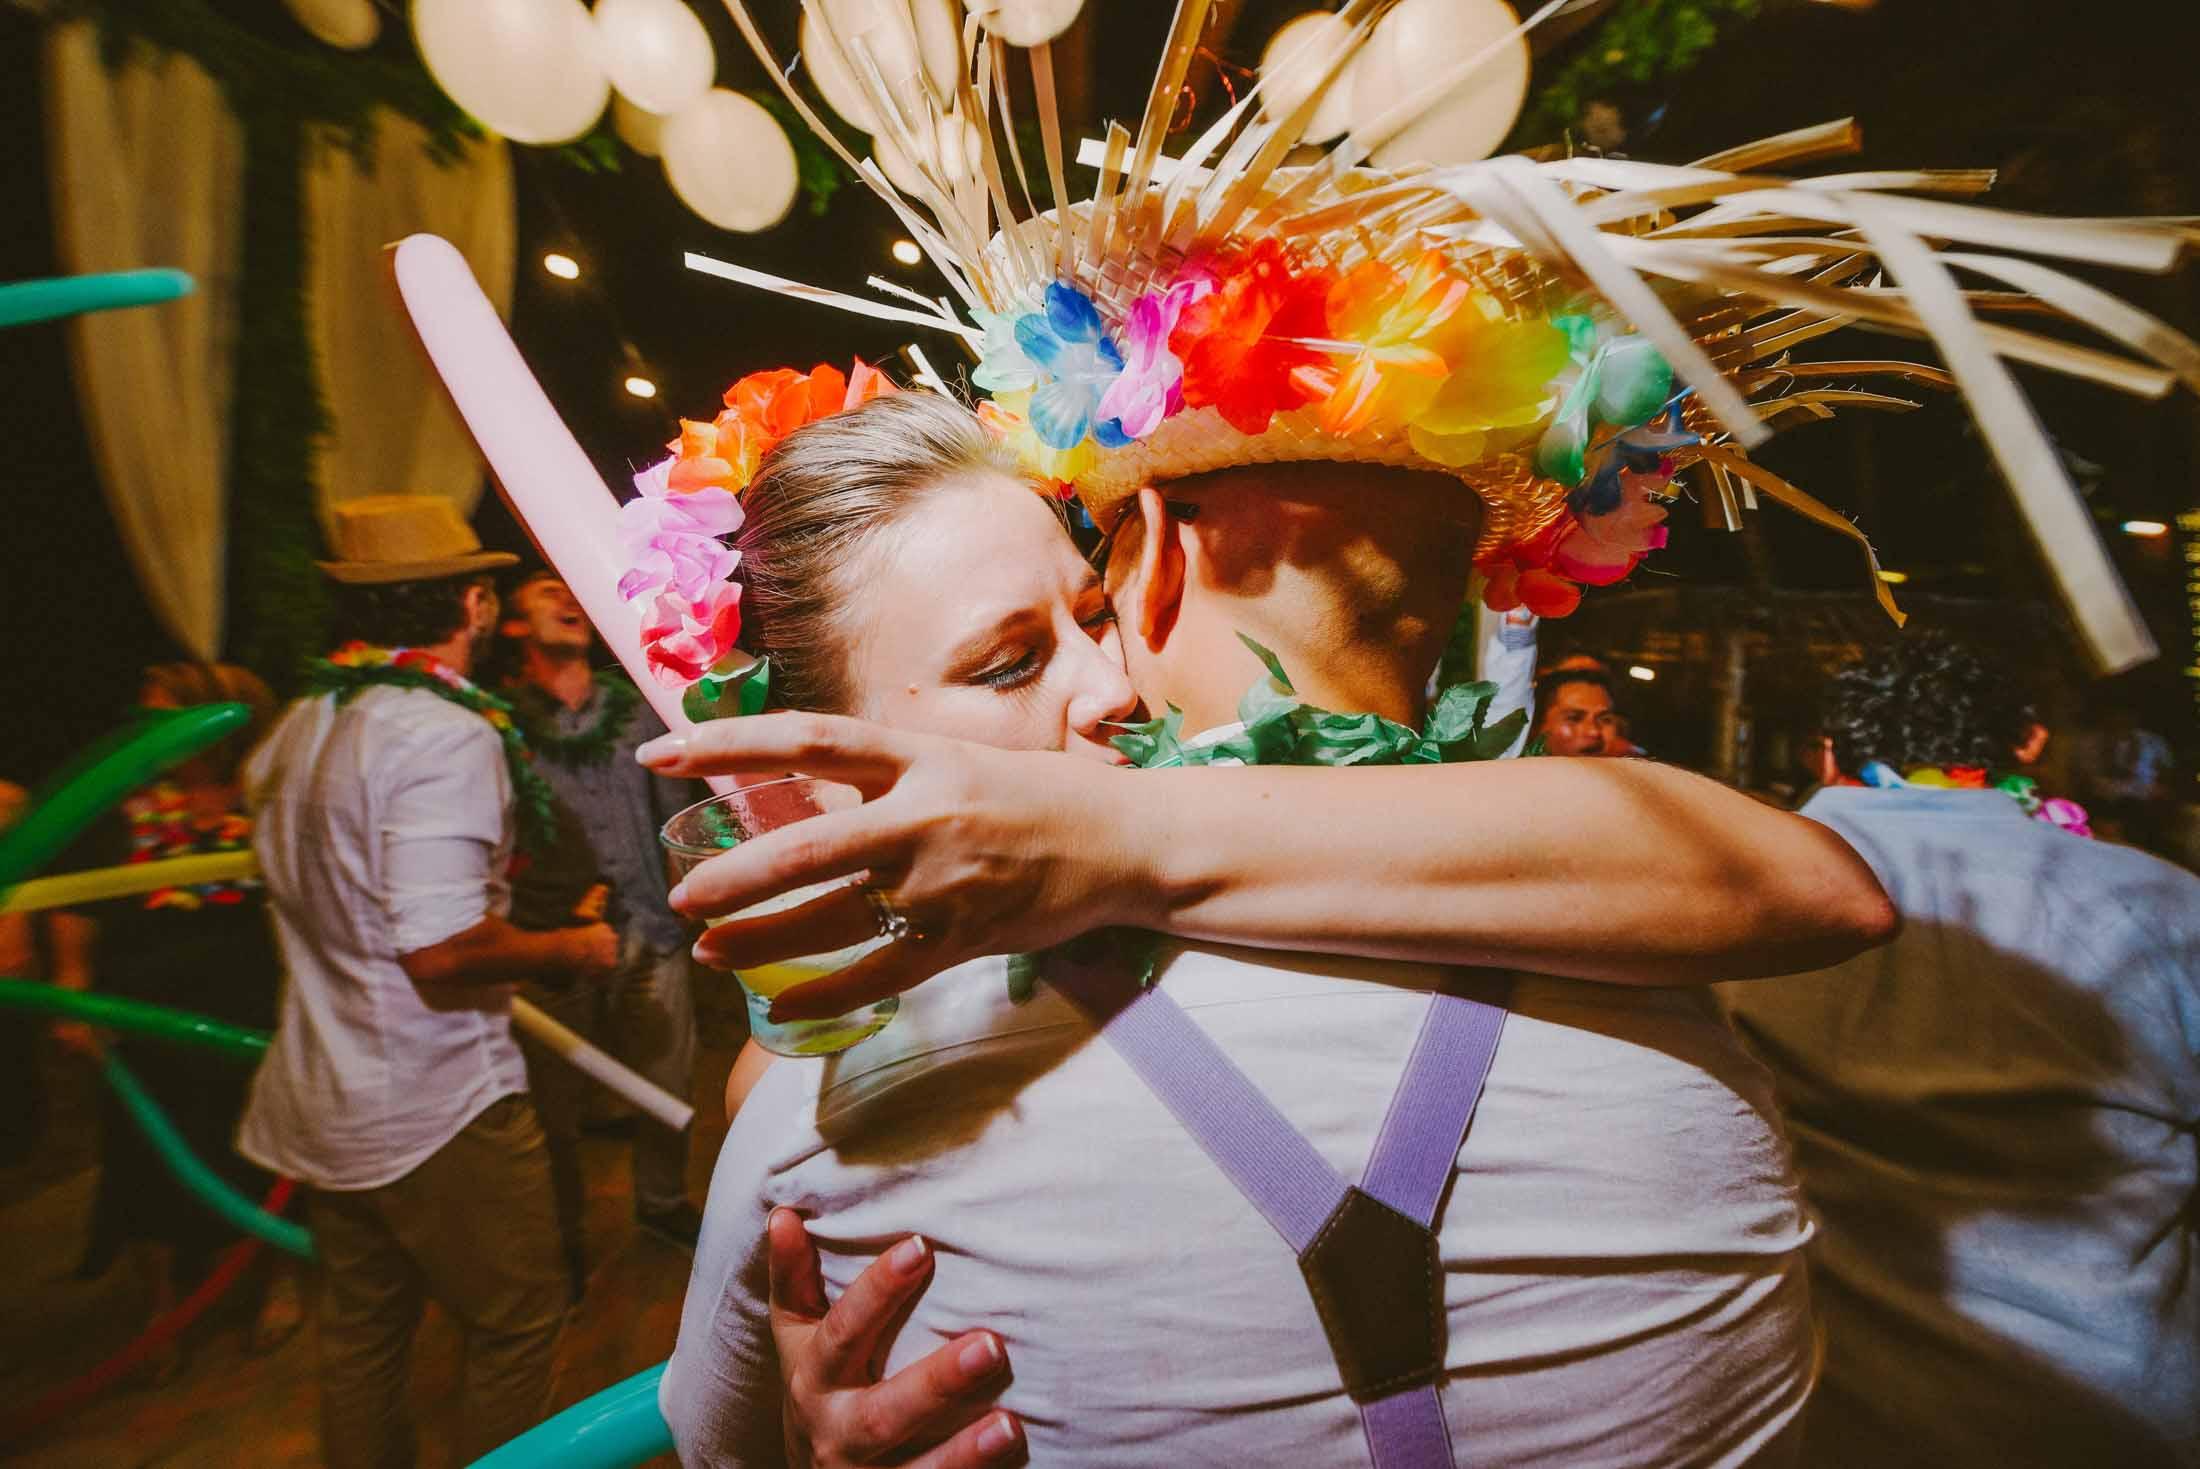 boda diana y james, fotografia de bodas en piura, video de bodas en piura, fotografia y video de bodas en peru, fotografia en mancora